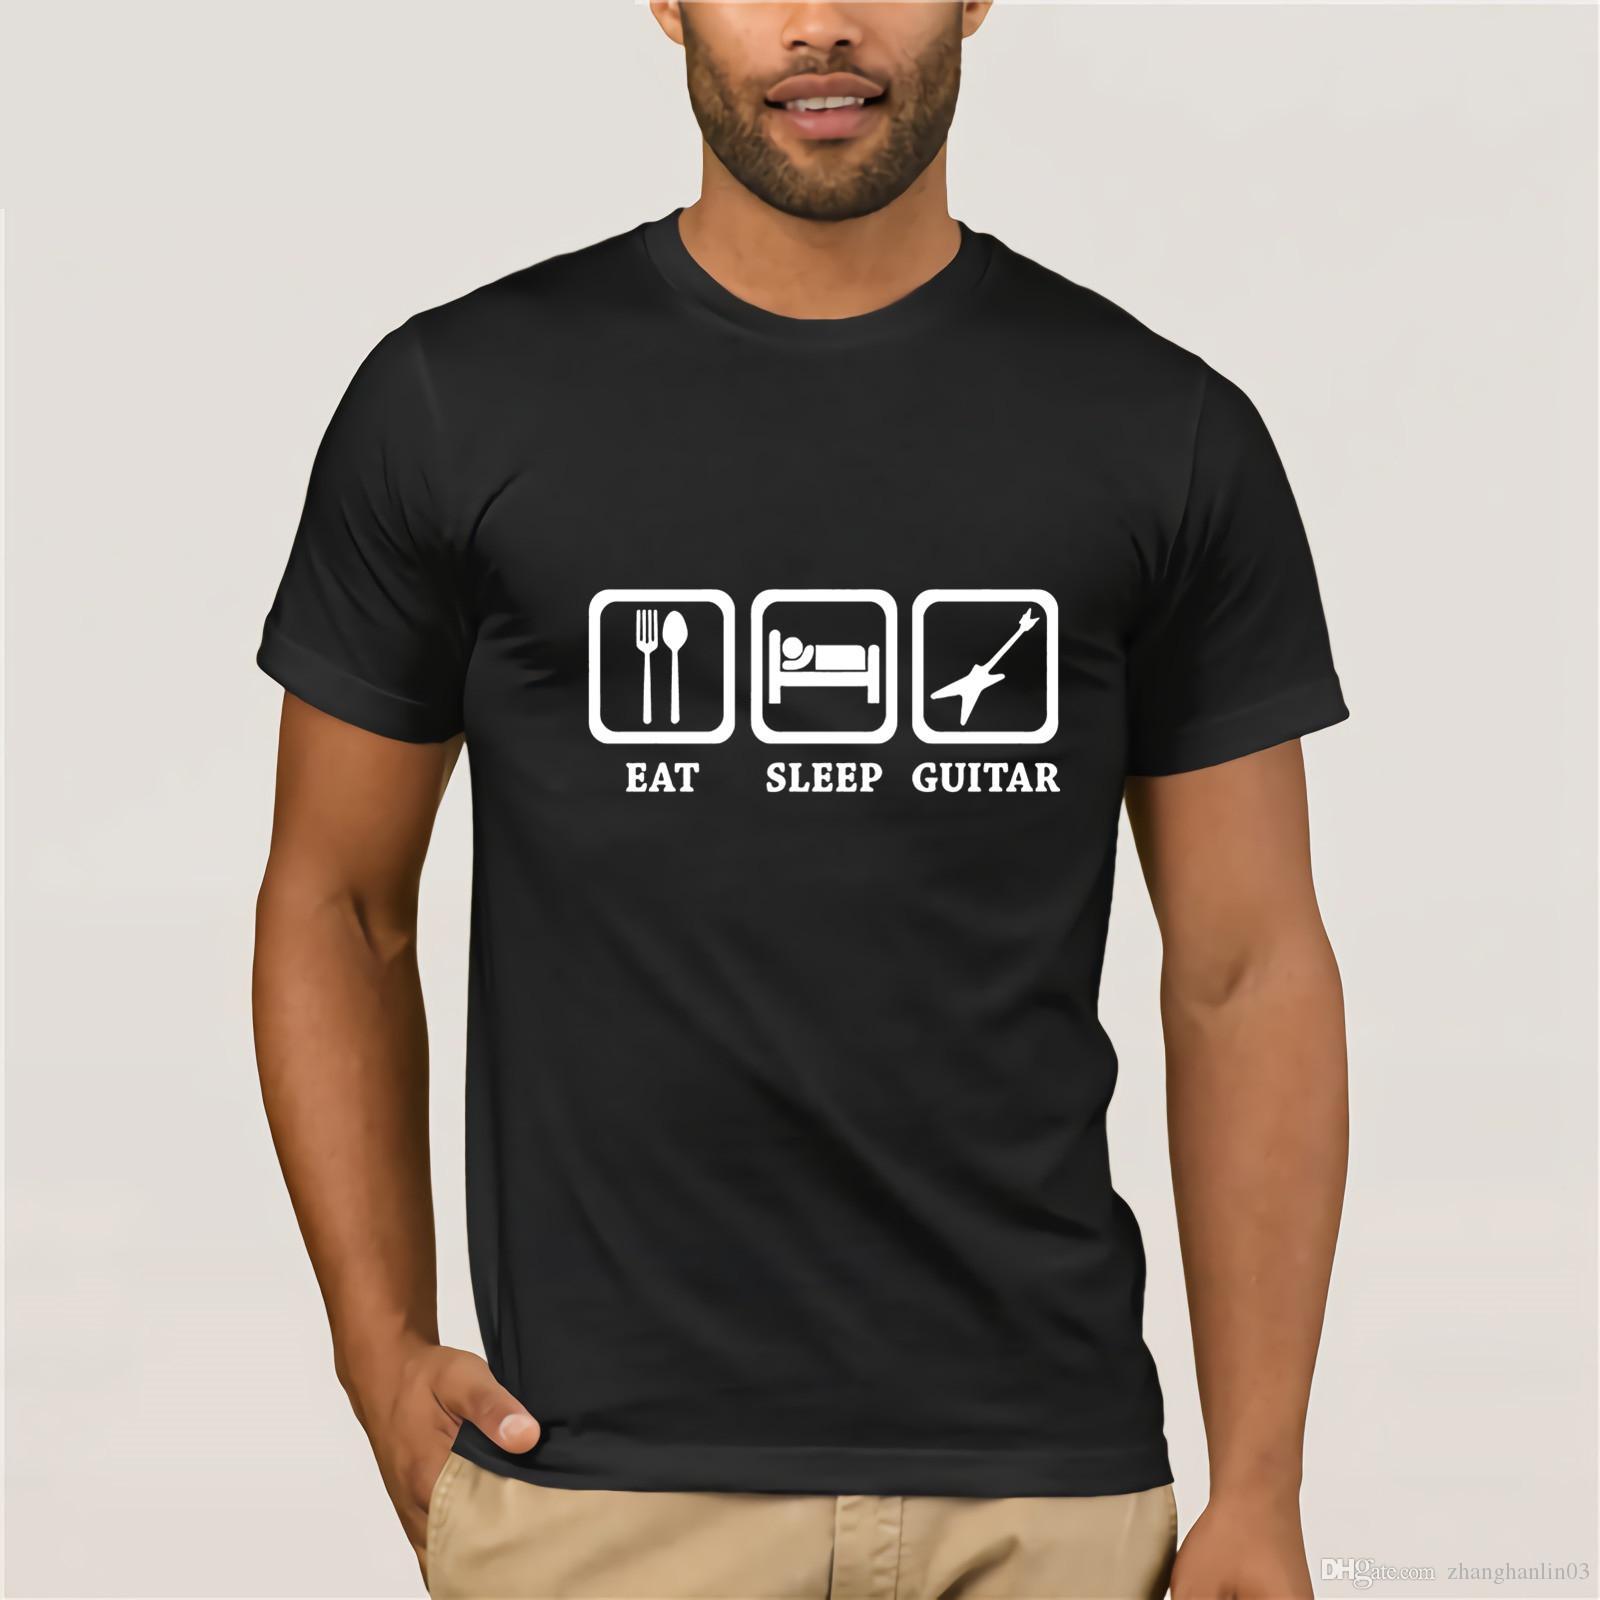 3e788d44c Funny Eat Sleep Guitar T Shirts Men Music Lovers Best Gift T Shirts Homme  Punk Hip Hop Tshirt Splendid Sweetness Music Tee Shirt T Shirt Design  Template ...